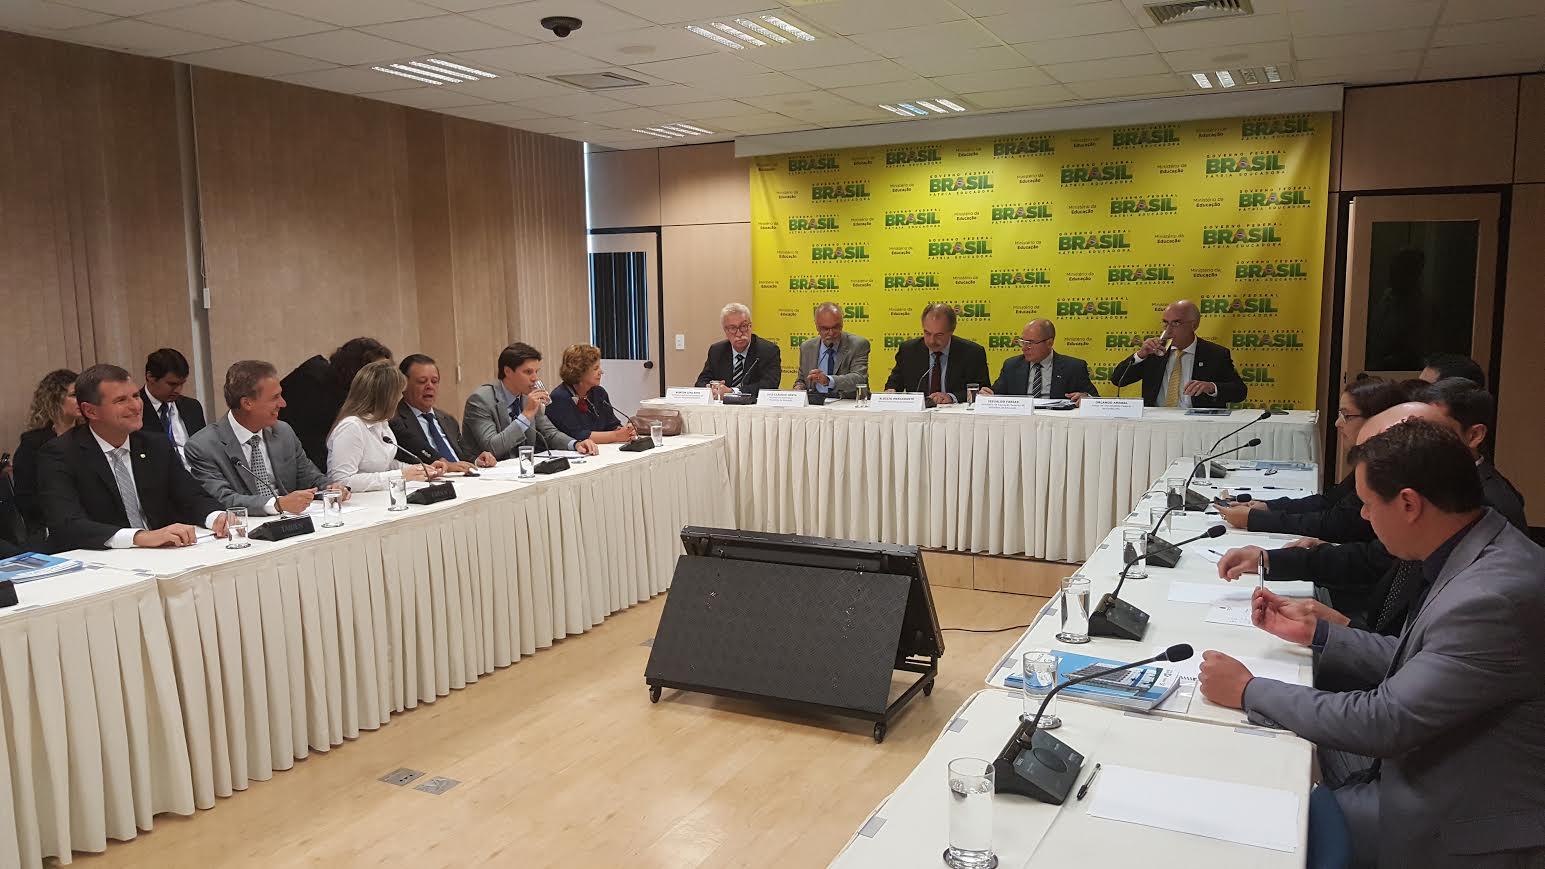 Ministro e bancada goiana discutem criação de duas novas universidades federais em Goiás